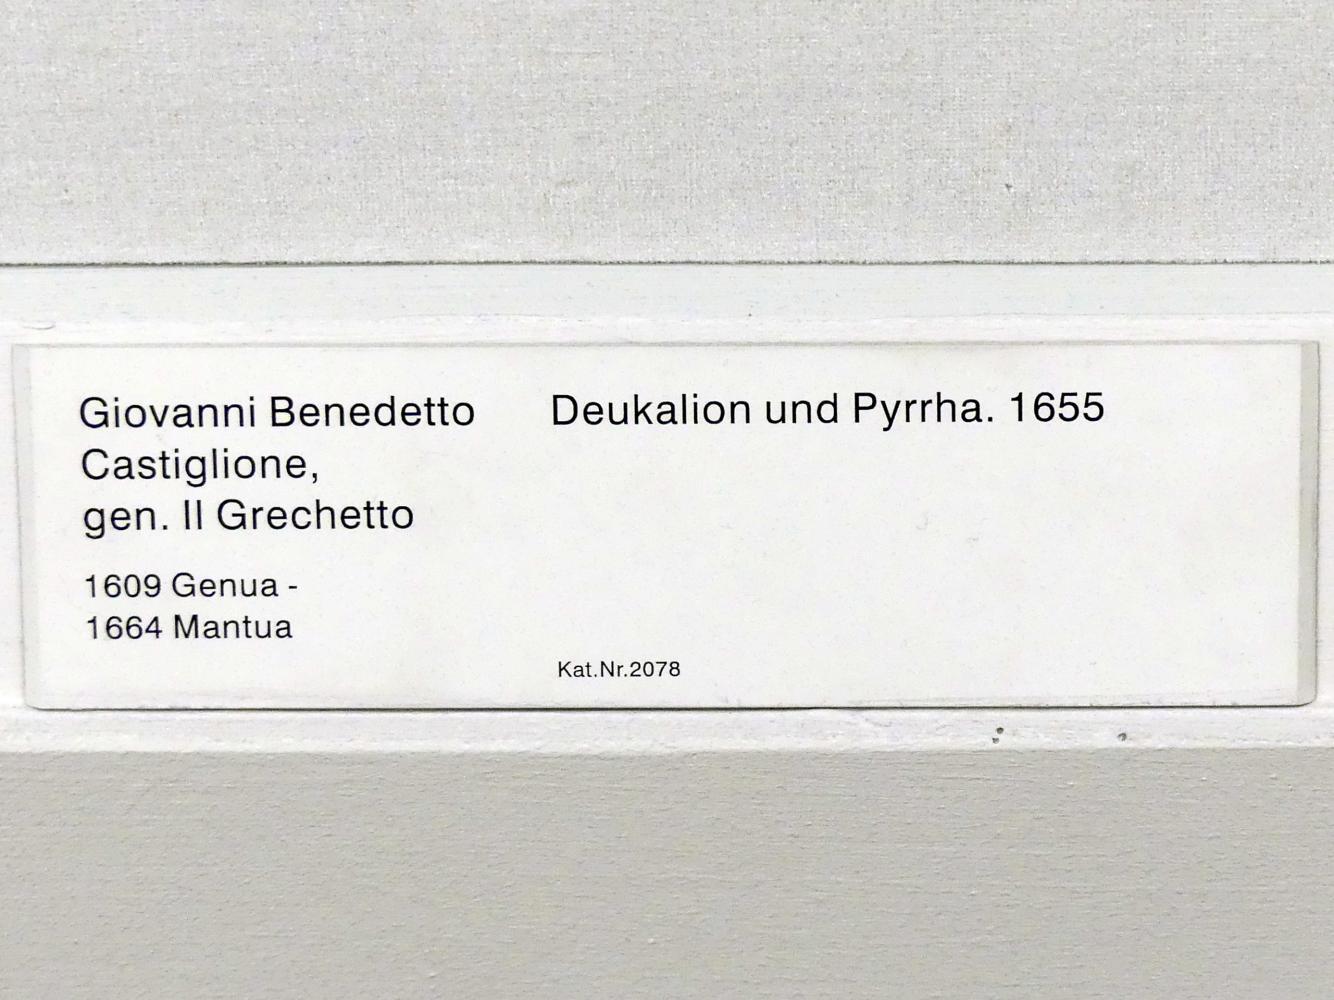 Giovanni Benedetto Castiglione (il Grechetto): Deukalion und Pyrrha, 1655